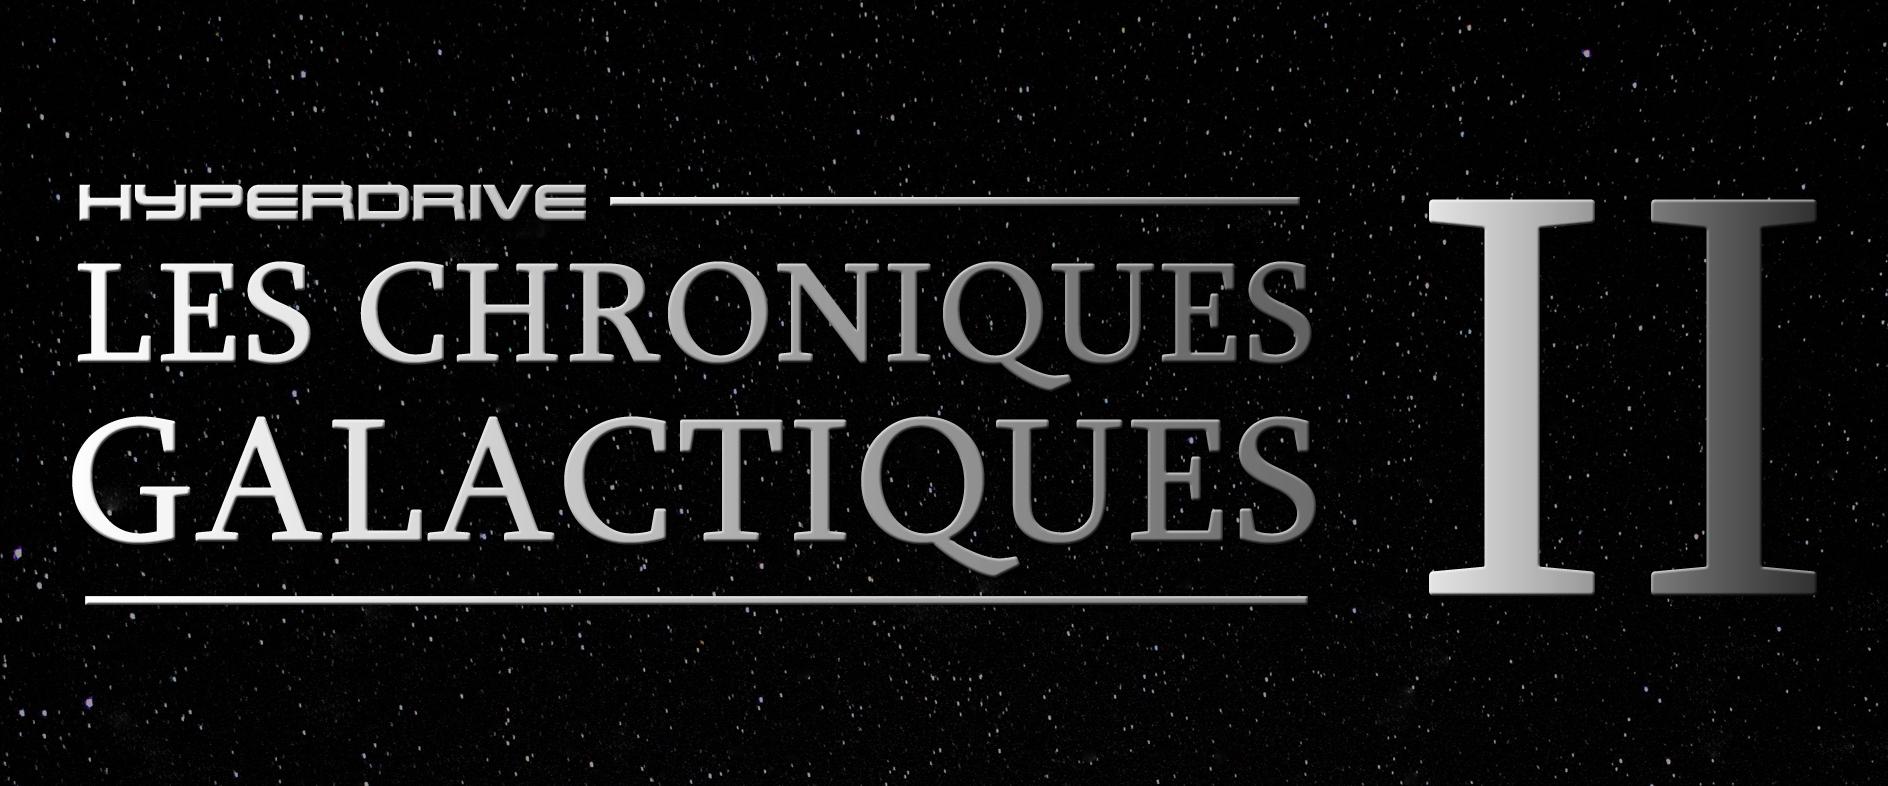 Chroniques galactiques épisode 2 Fiction audio pocast star wars